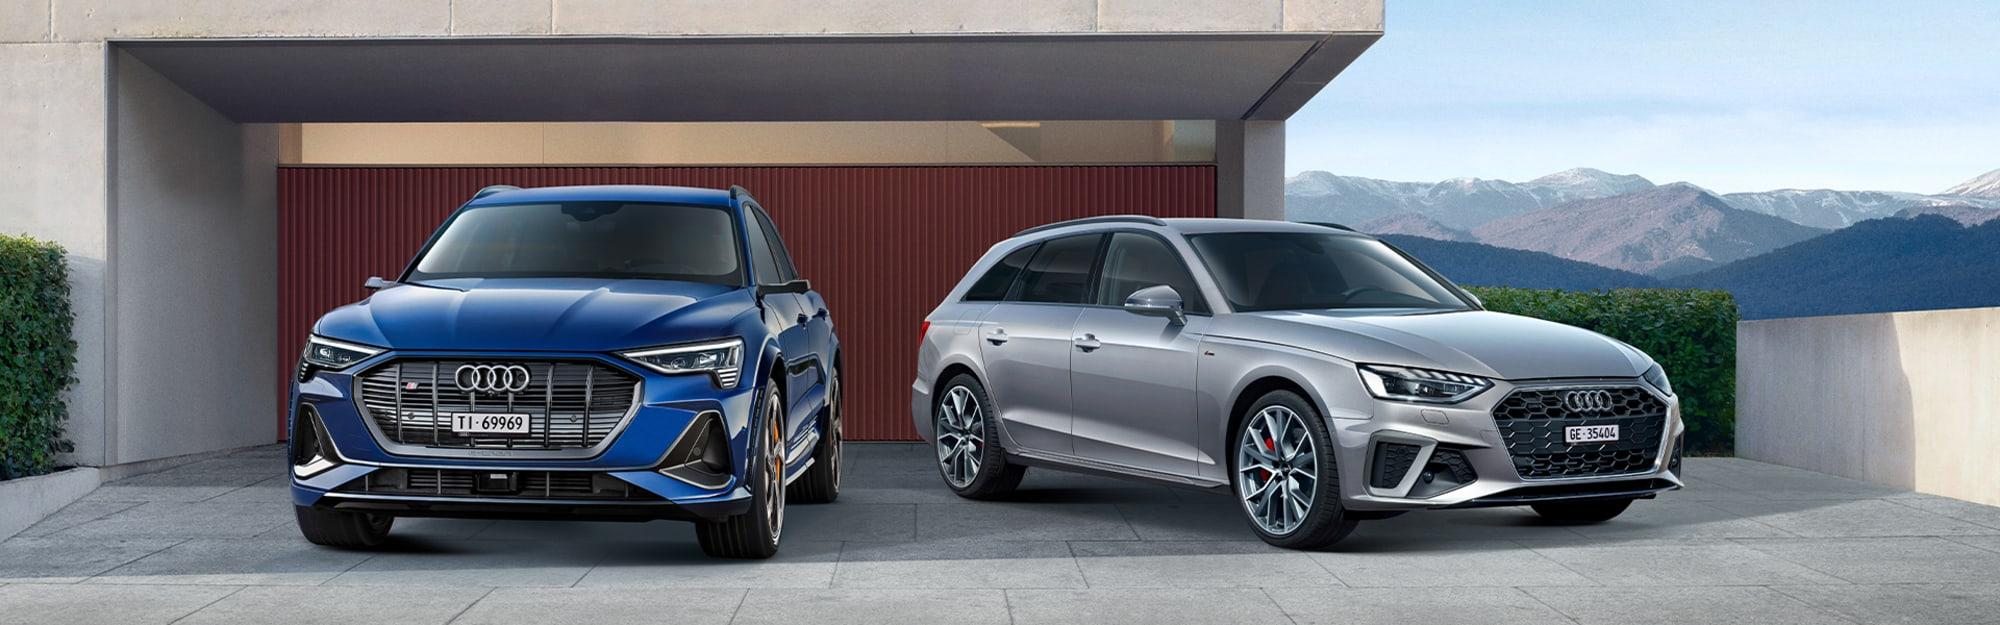 Audi_etronS_A4_VKF_Range_1920x600px_fi